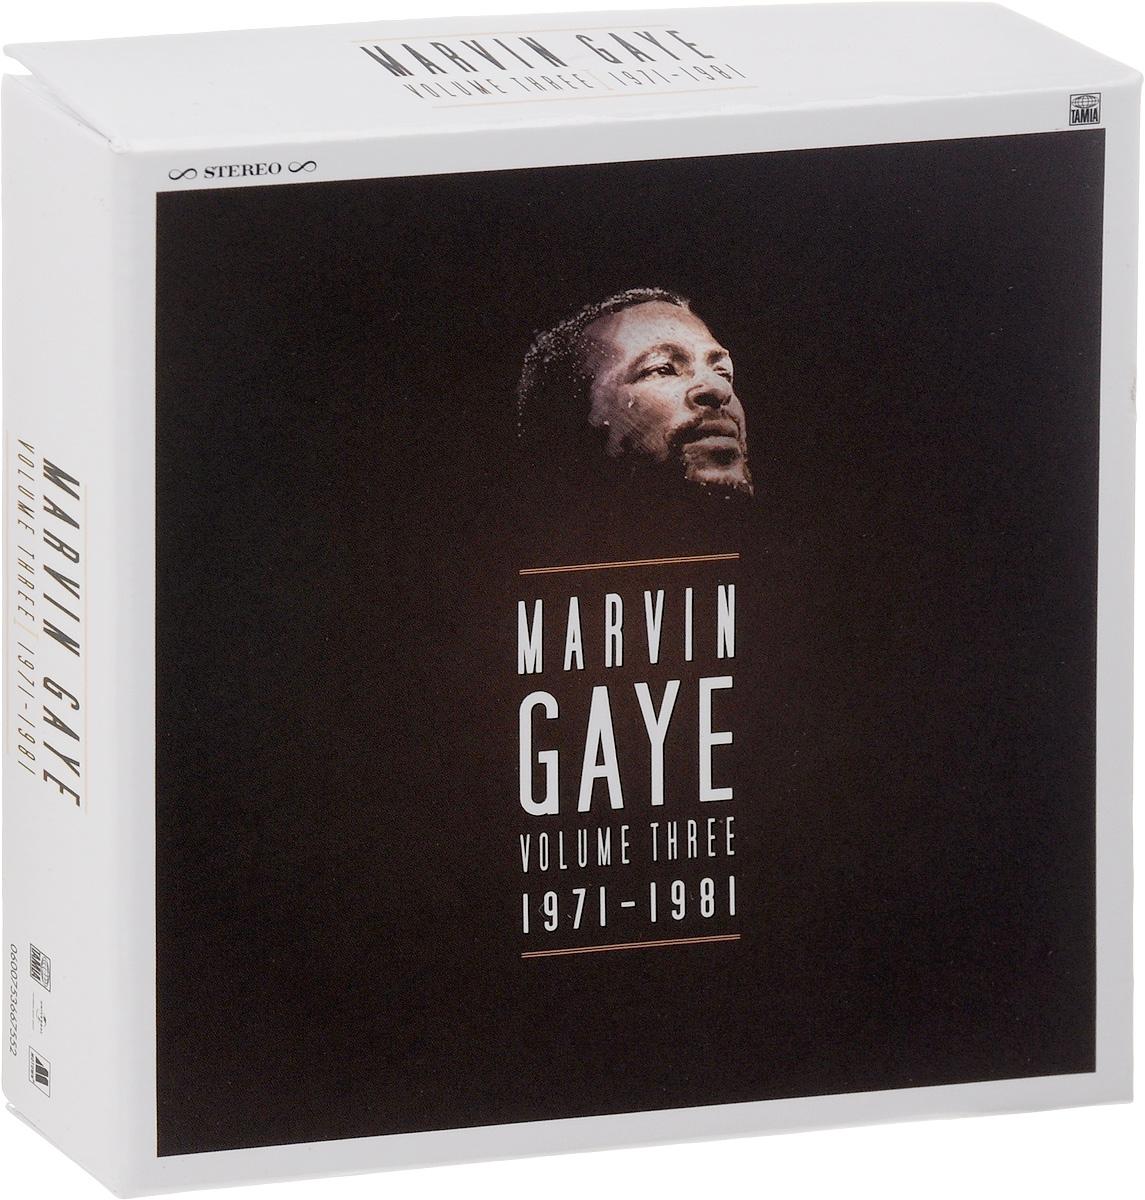 Марвин Гэй Marvin Gaye. Volume Three. 1971 - 1981 (7 CD) marvin gaye marvin gaye here my dear 2 lp